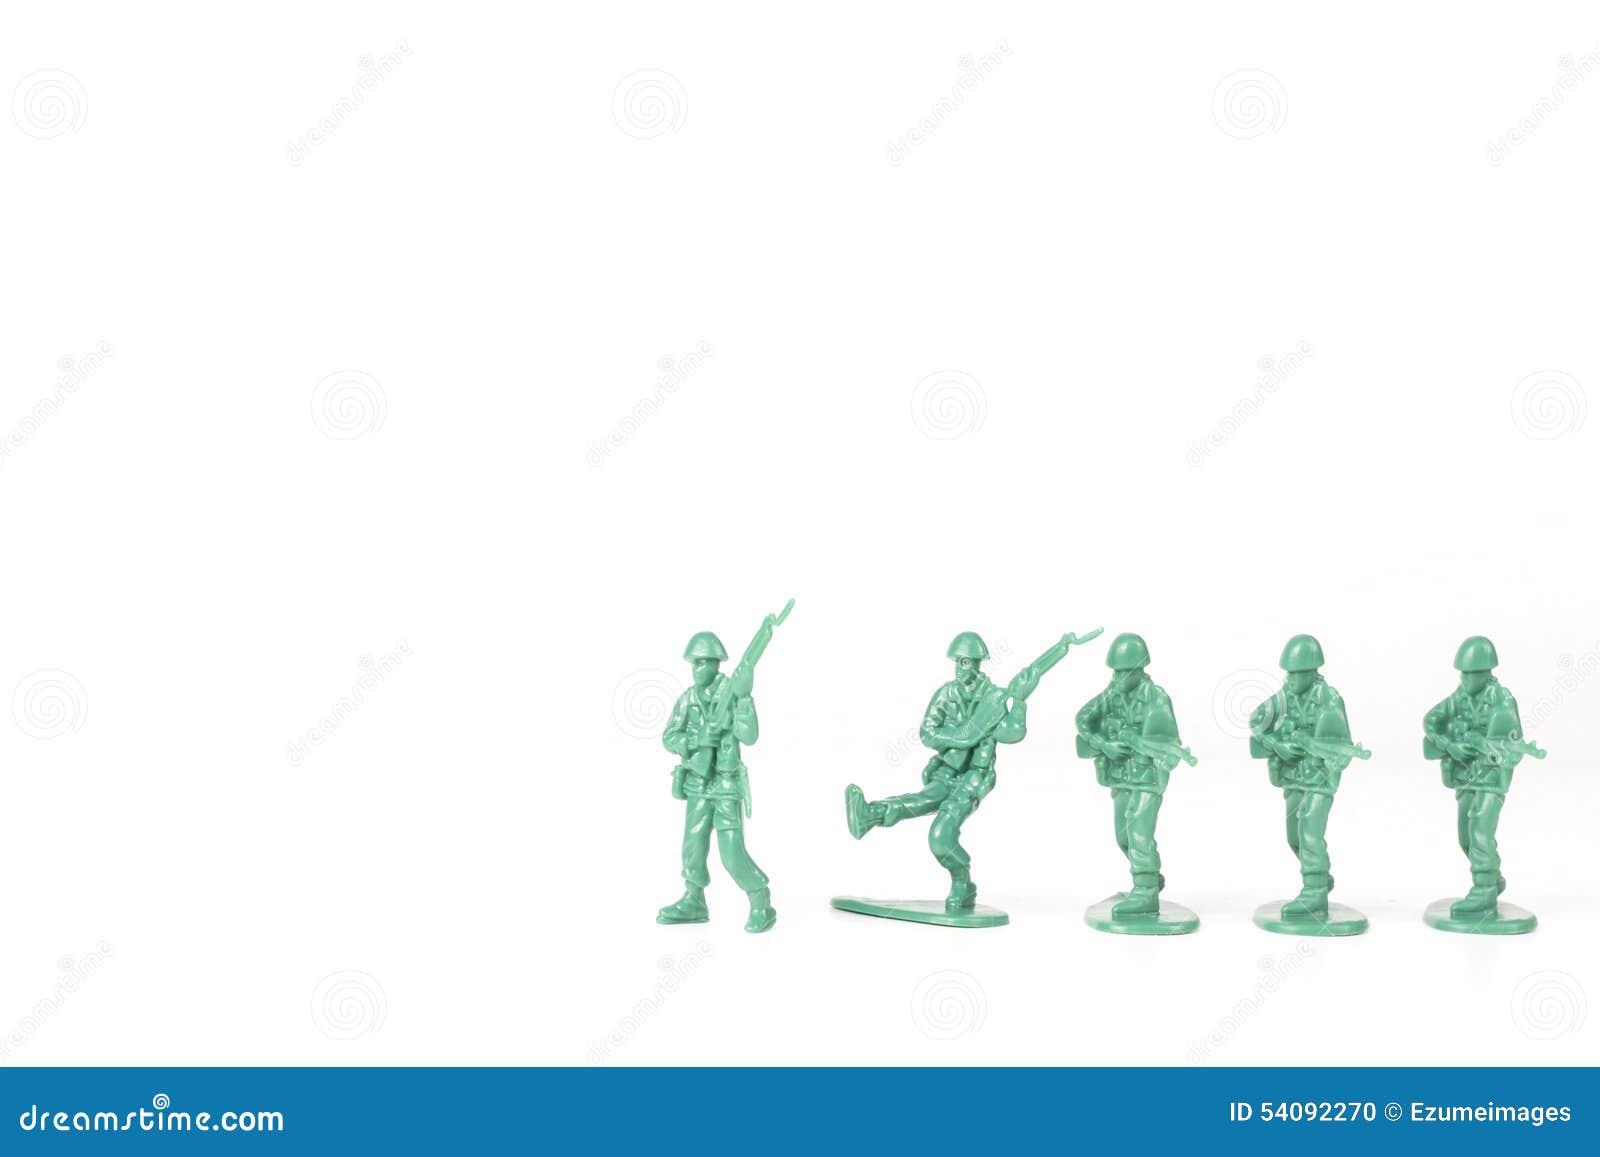 Armee Mann Unabhängigkeit Stockfoto Bild Von Unabhängigkeit 54092270